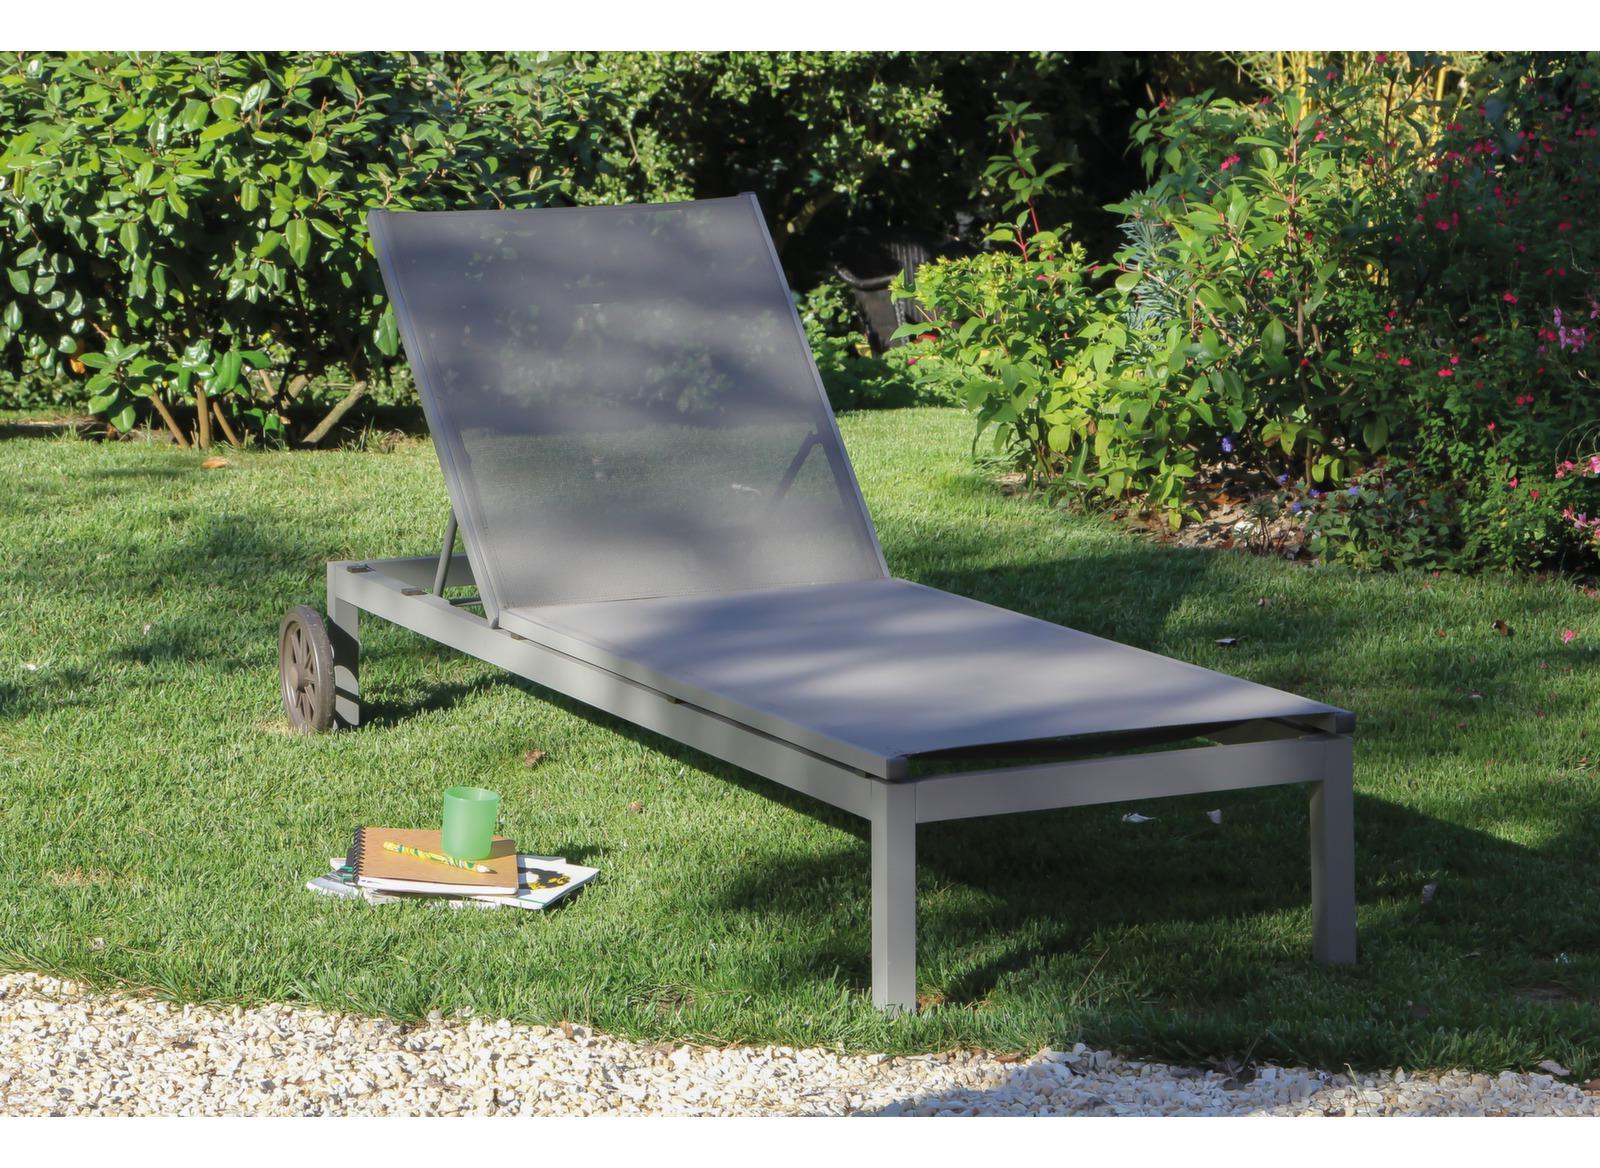 Bain de soleil alu et toile textil ne th ma proloisirs for Chaise longue textilene